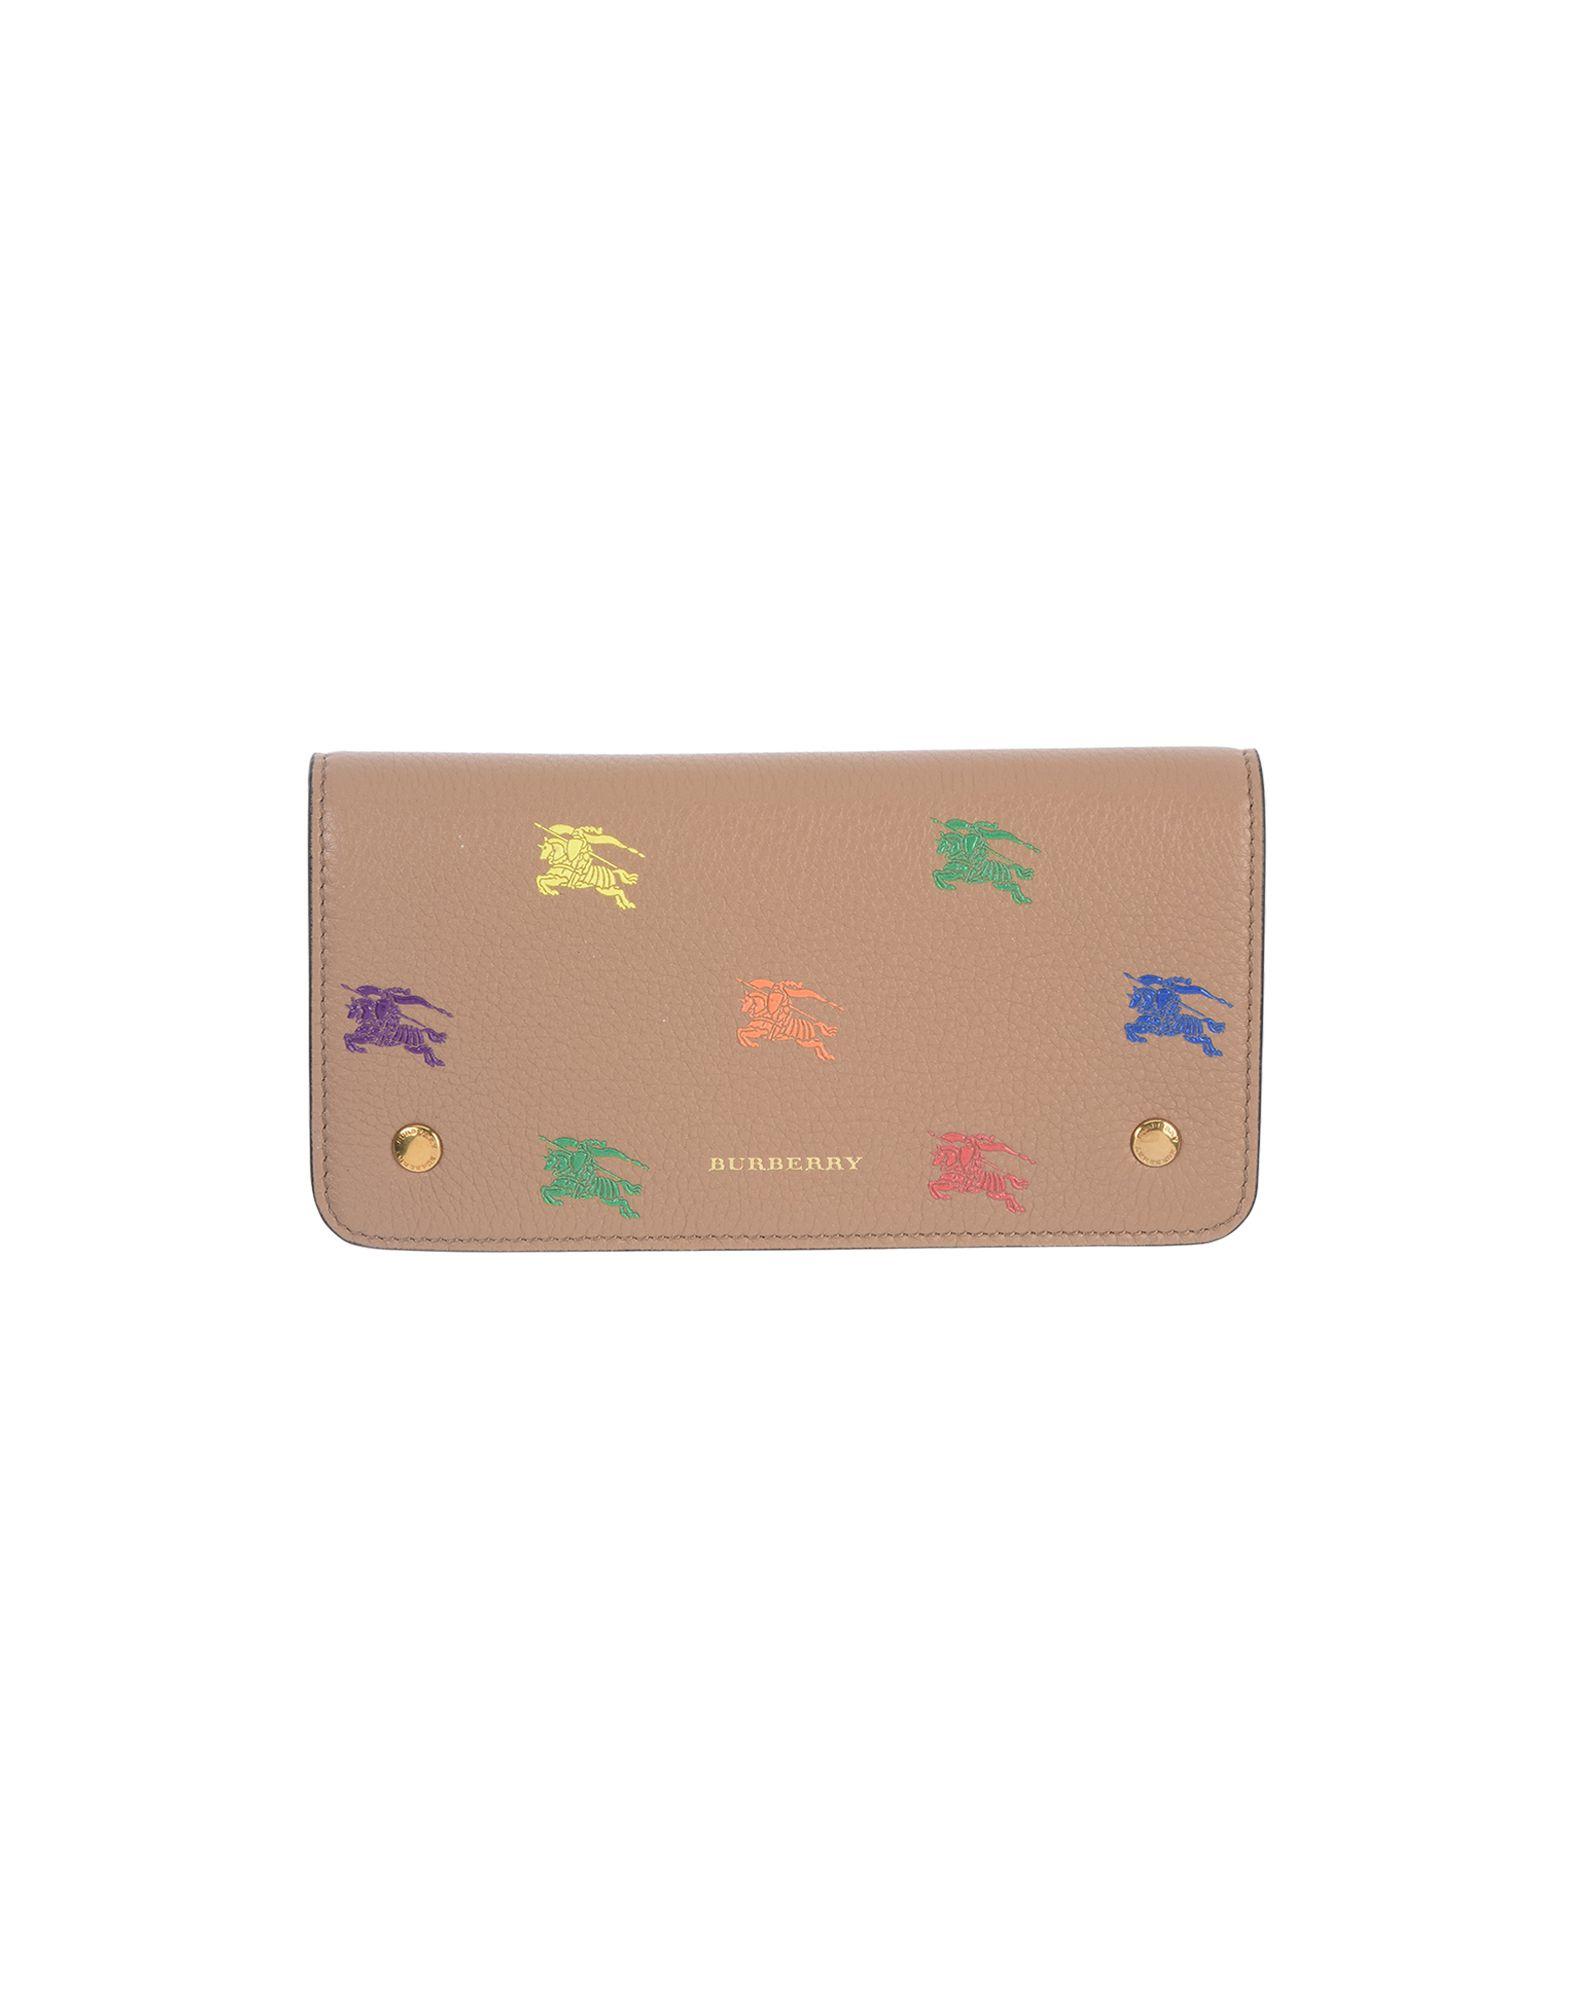 038a381b964a バーバリー(BURBERRY) レディース長財布 | 通販・人気ランキング - 価格.com